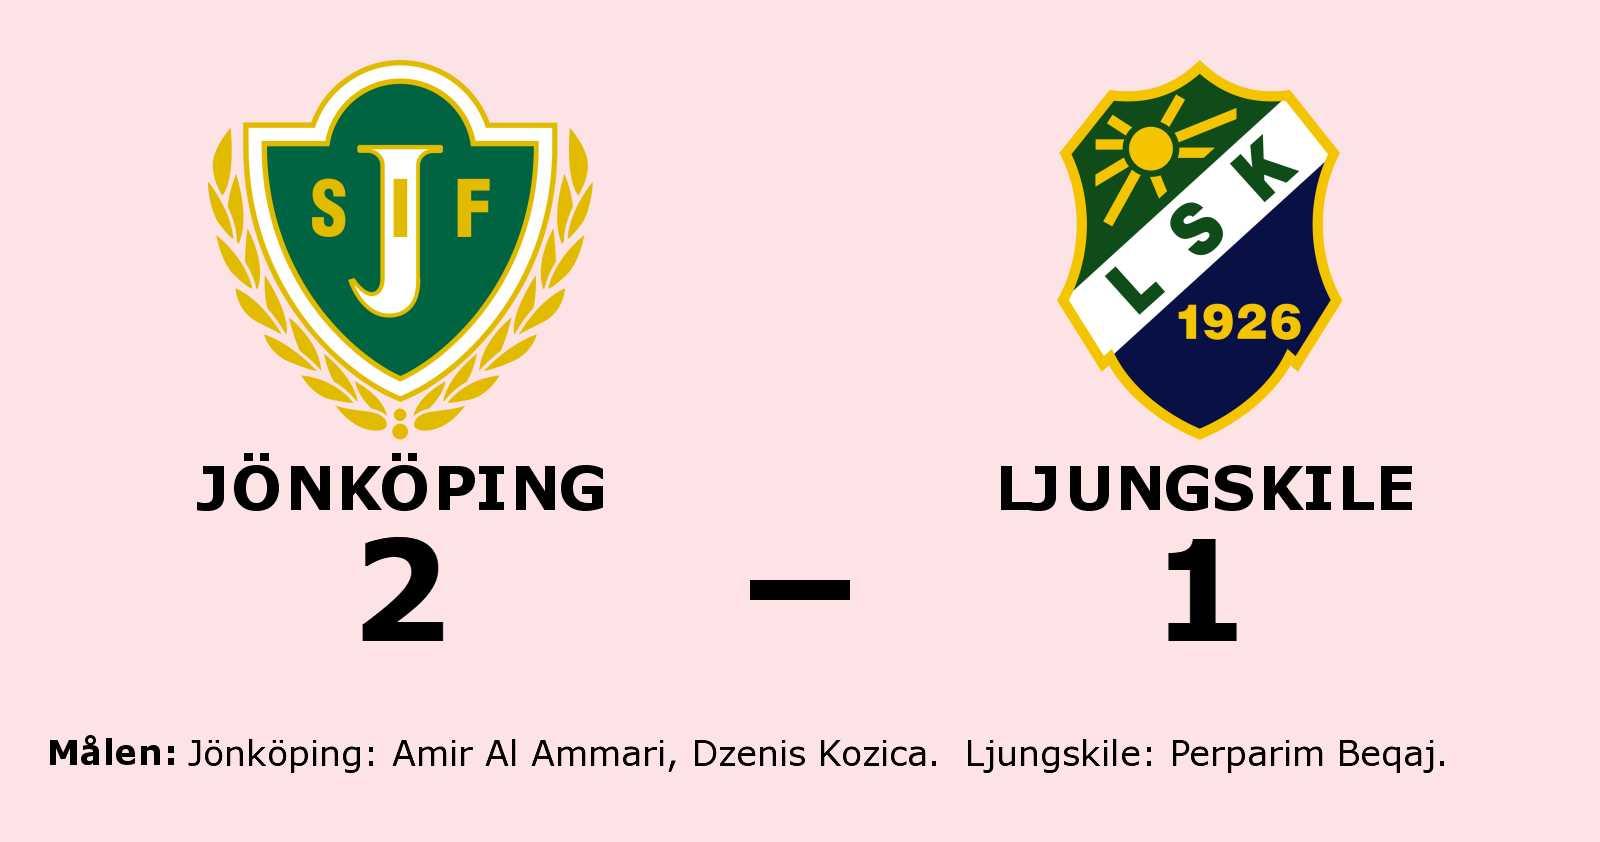 Amir Al Ammari och Dzenis Kozica målskyttar när Jönköping vände